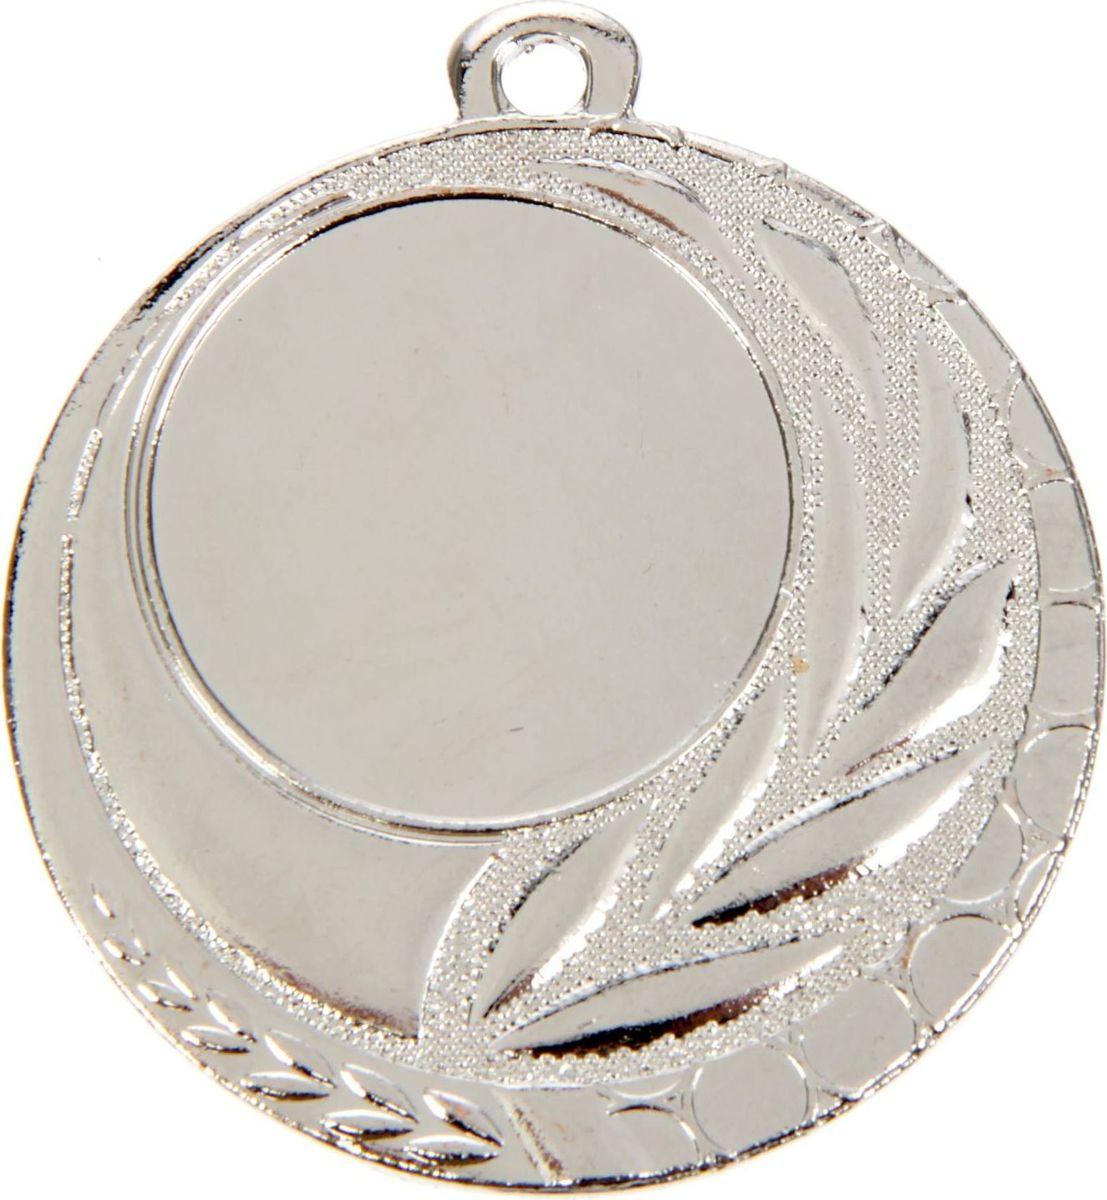 Медаль сувенирная с местом для гравировки, цвет: серебристый, диаметр 5 см. 0421387689Пусть любая победа будет отмечена соответствующей наградой! Медаль — знак отличия, которым награждают самых достойных. Она вручается лишь тем, кто проявил настойчивость и волю к победе. Каждое достижение — это важное событие, которое должно остаться в памяти на долгие годы. изготовлена из металла, в комплект входит лента цвета триколор, являющегося одним из государственных символов России. Характеристики: Диаметр медали: 5 см Диаметр вкладыша (лицо): 2,5 см Диаметр вкладыша (оборот): 4 см